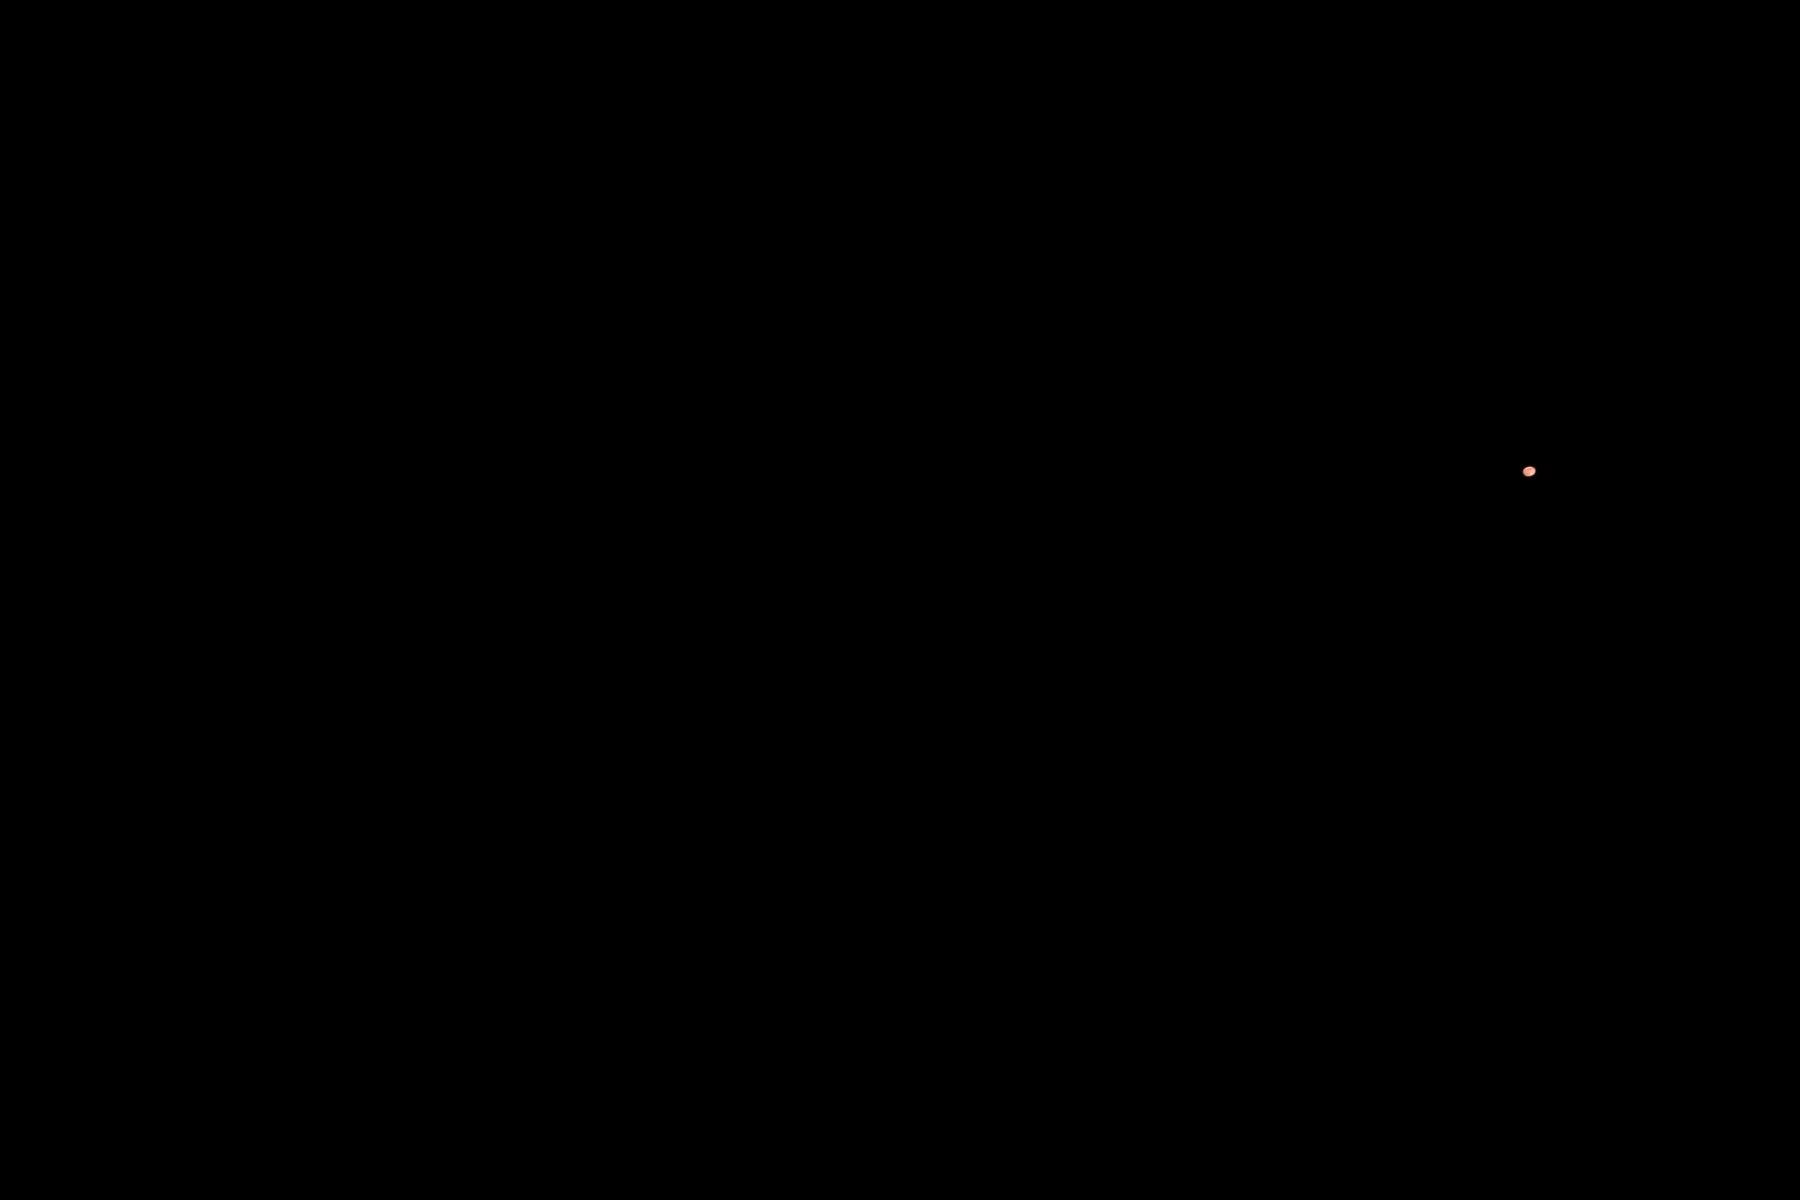 IMG_0954_vollmond_or_f2,4_2k.jpg